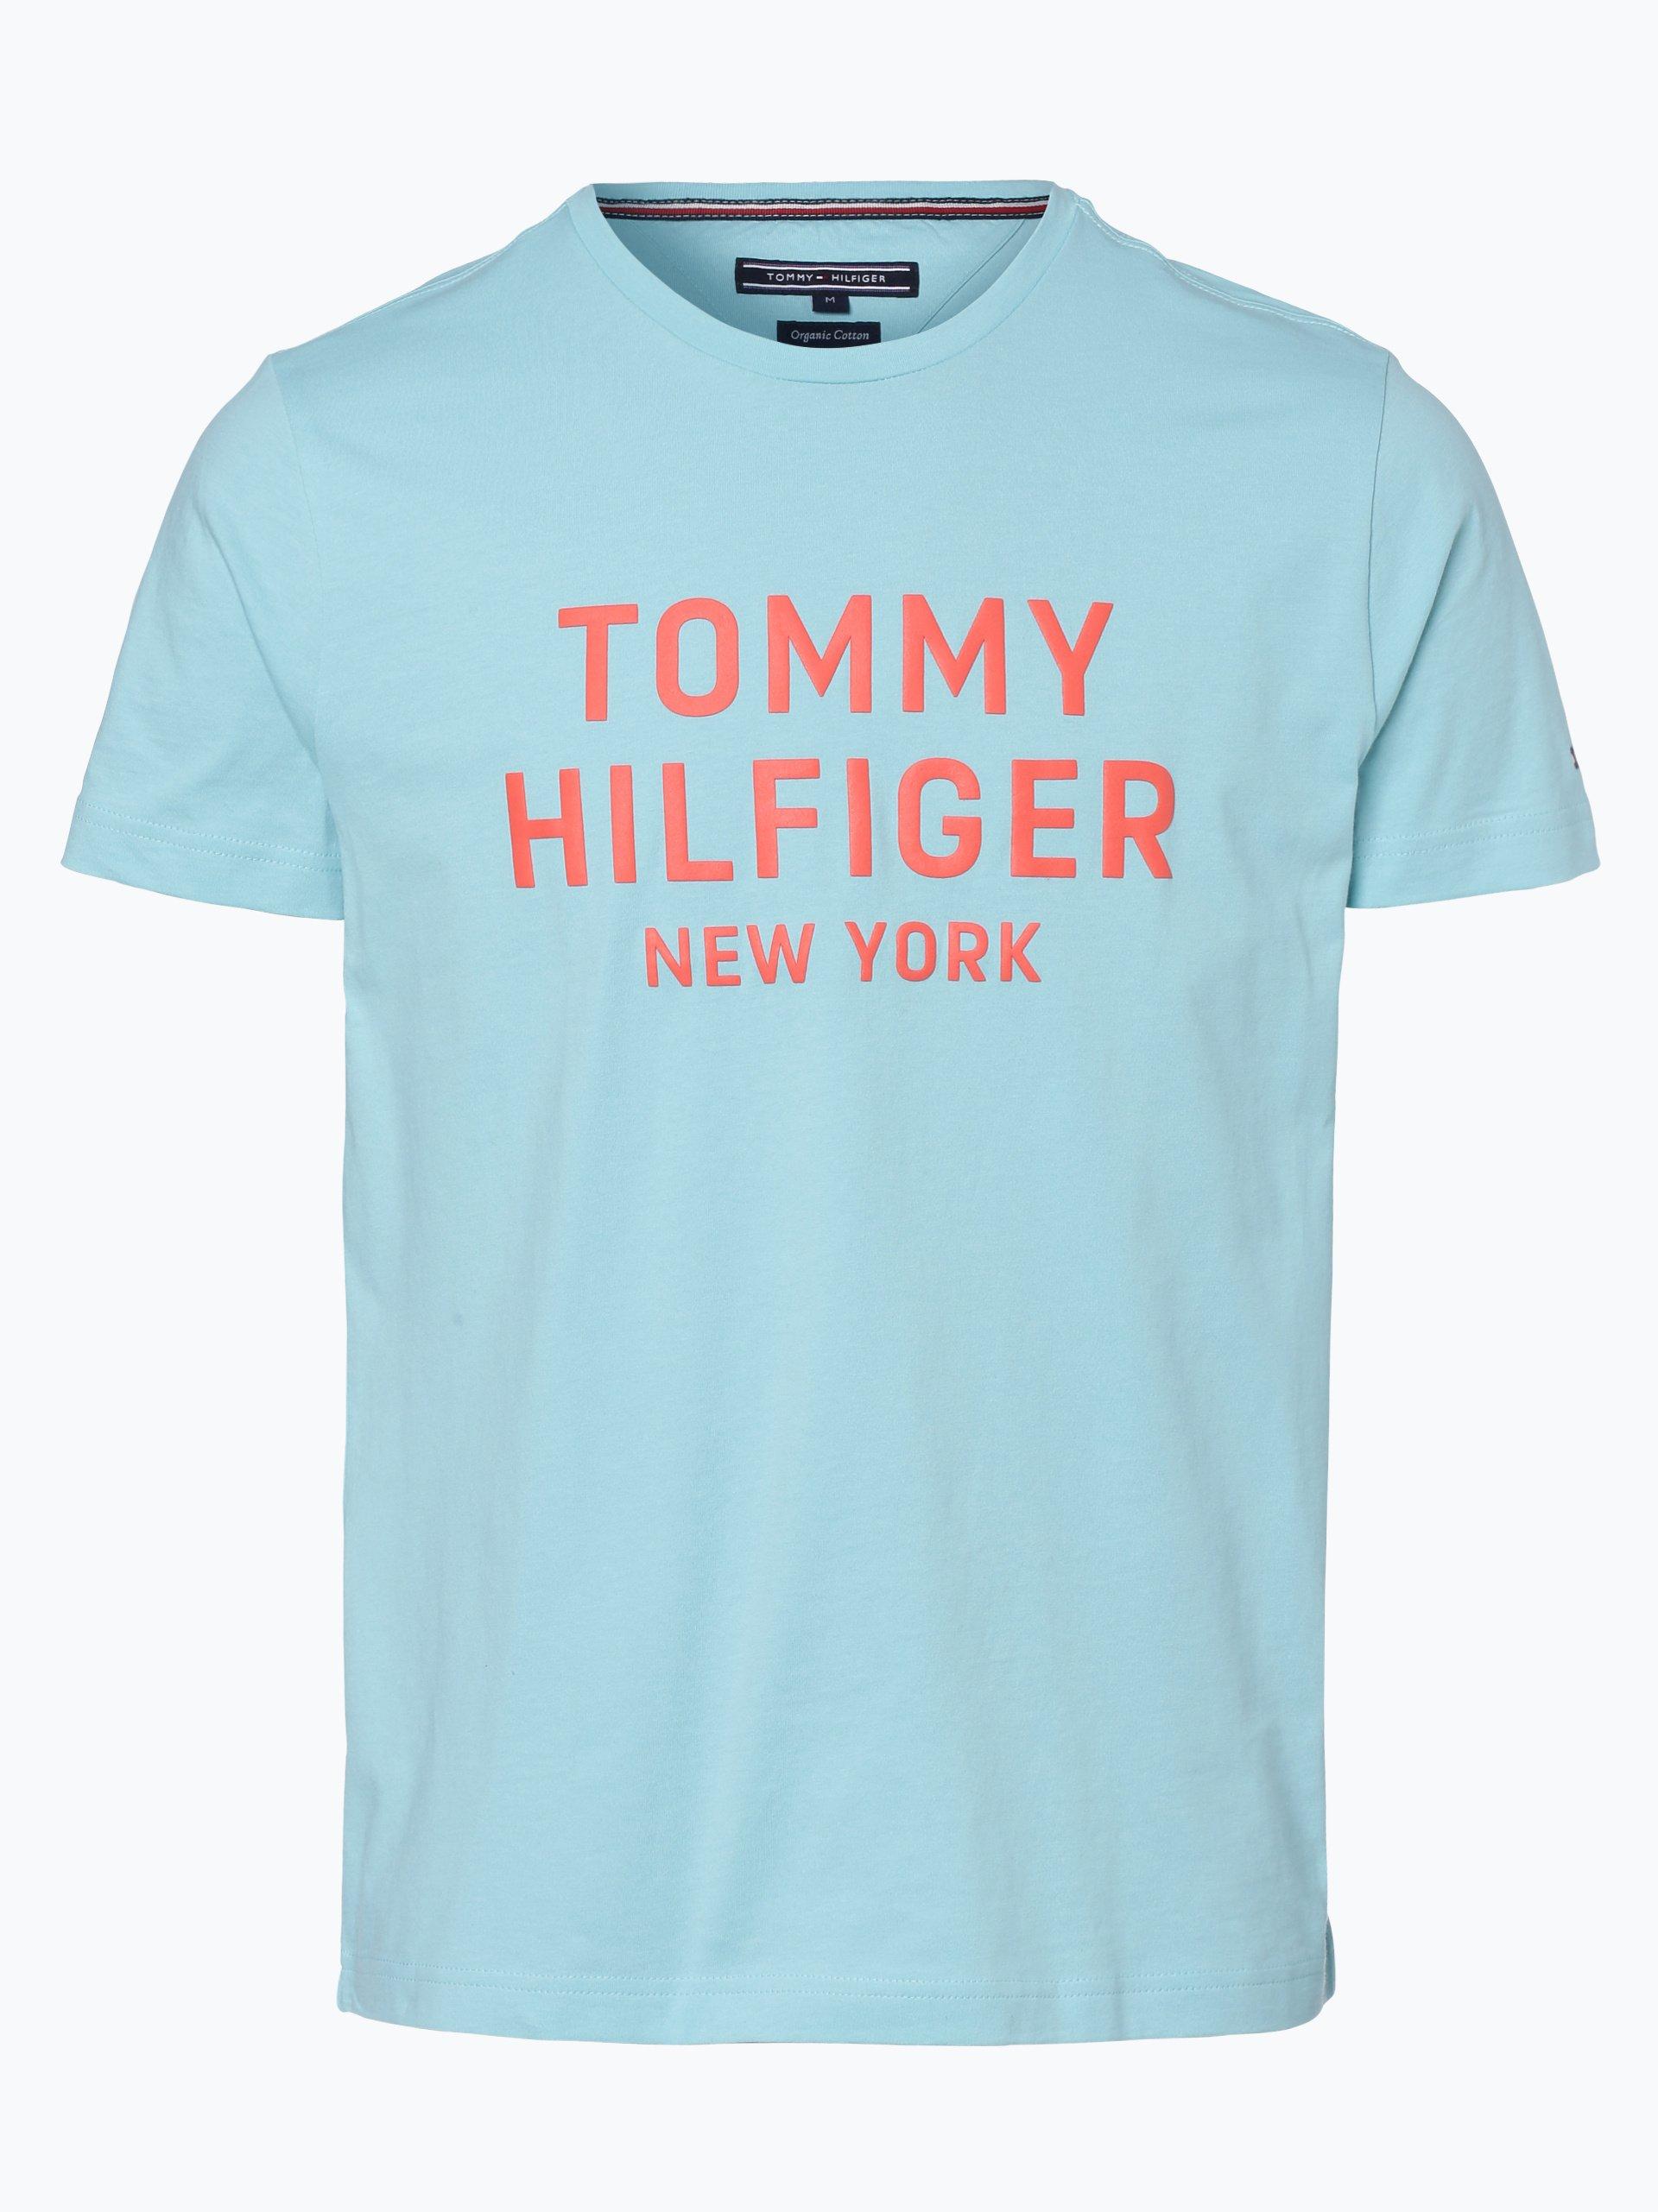 tommy hilfiger herren t shirt t rkis bedruckt online kaufen vangraaf com. Black Bedroom Furniture Sets. Home Design Ideas